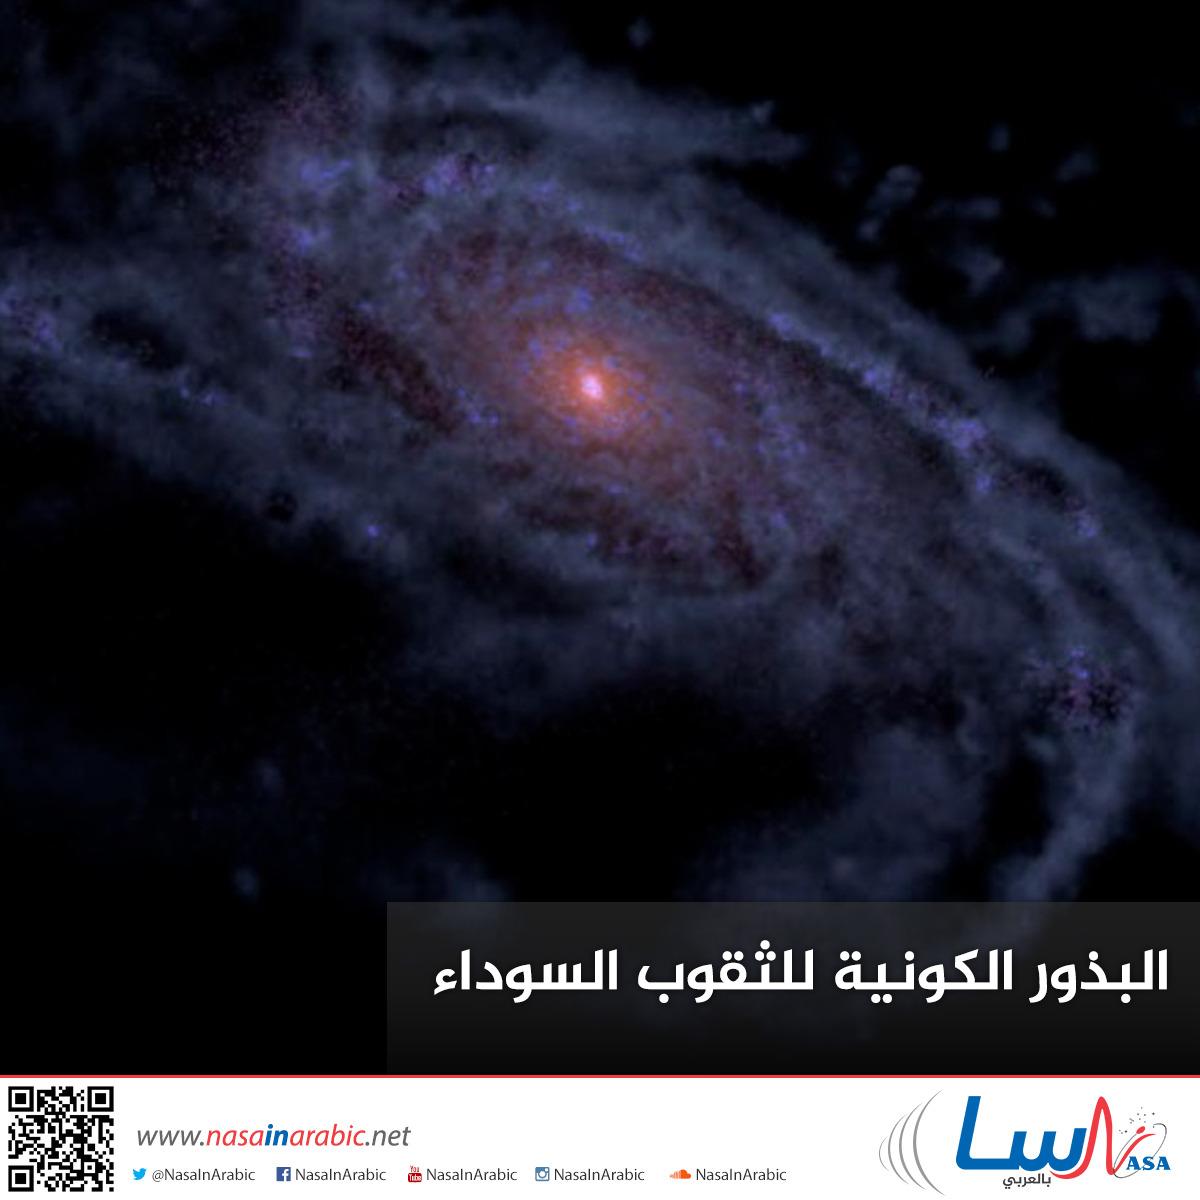 البذور الكونية للثقوب السوداء